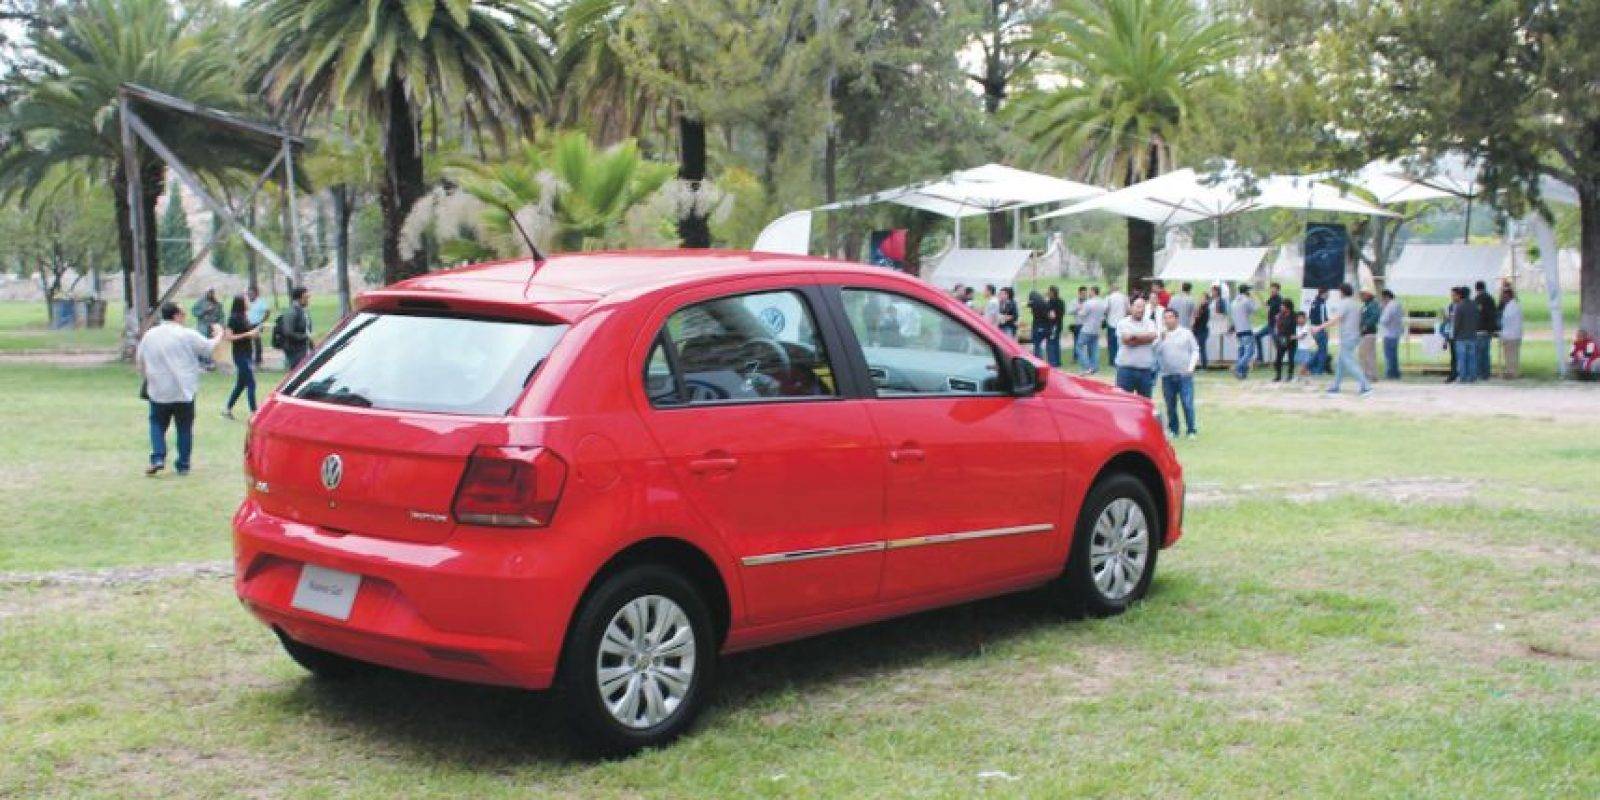 La línea deportiva de este hatchback se une a los recientes lanzamientos dela firma alemana. Foto:Mario Cañas